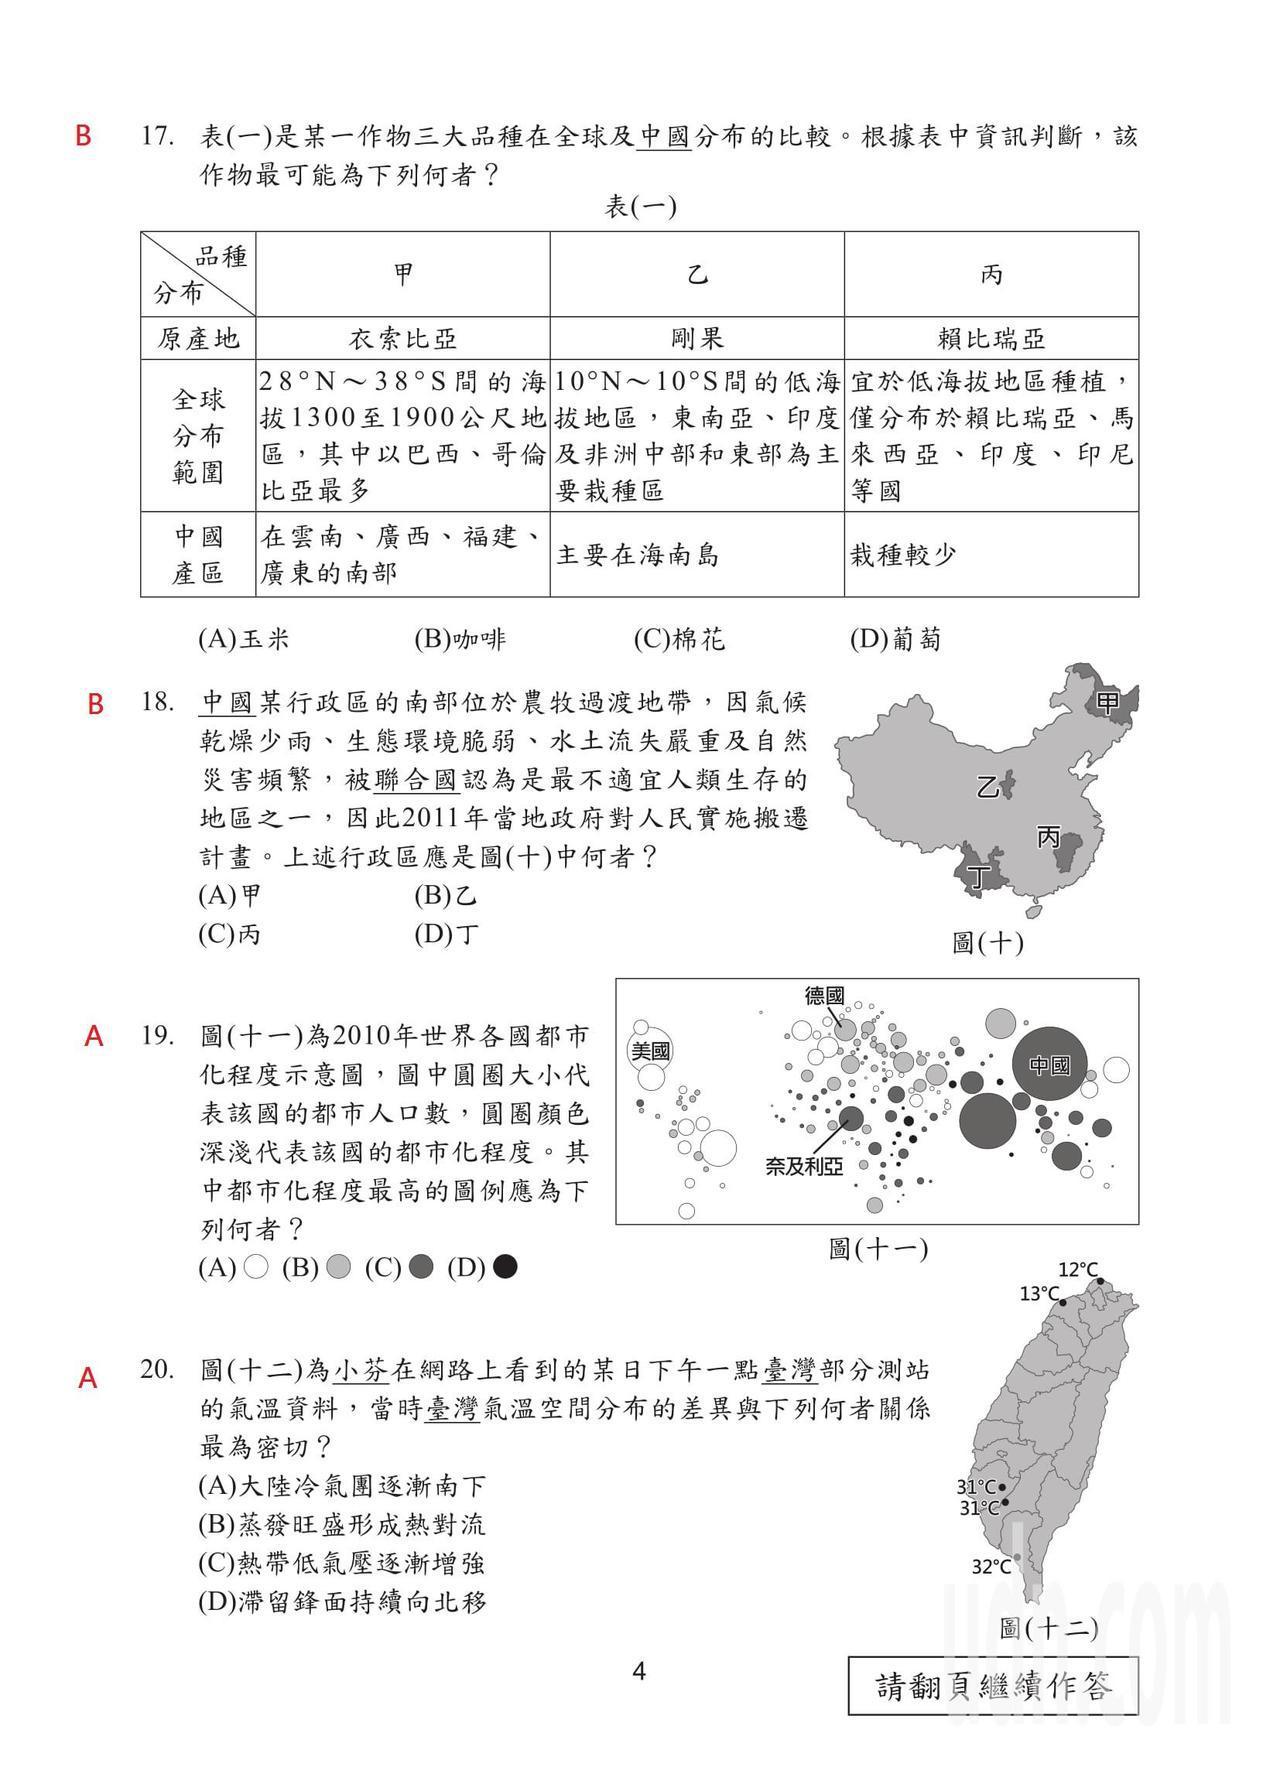 108國中會考社會科試題解答,第4頁。